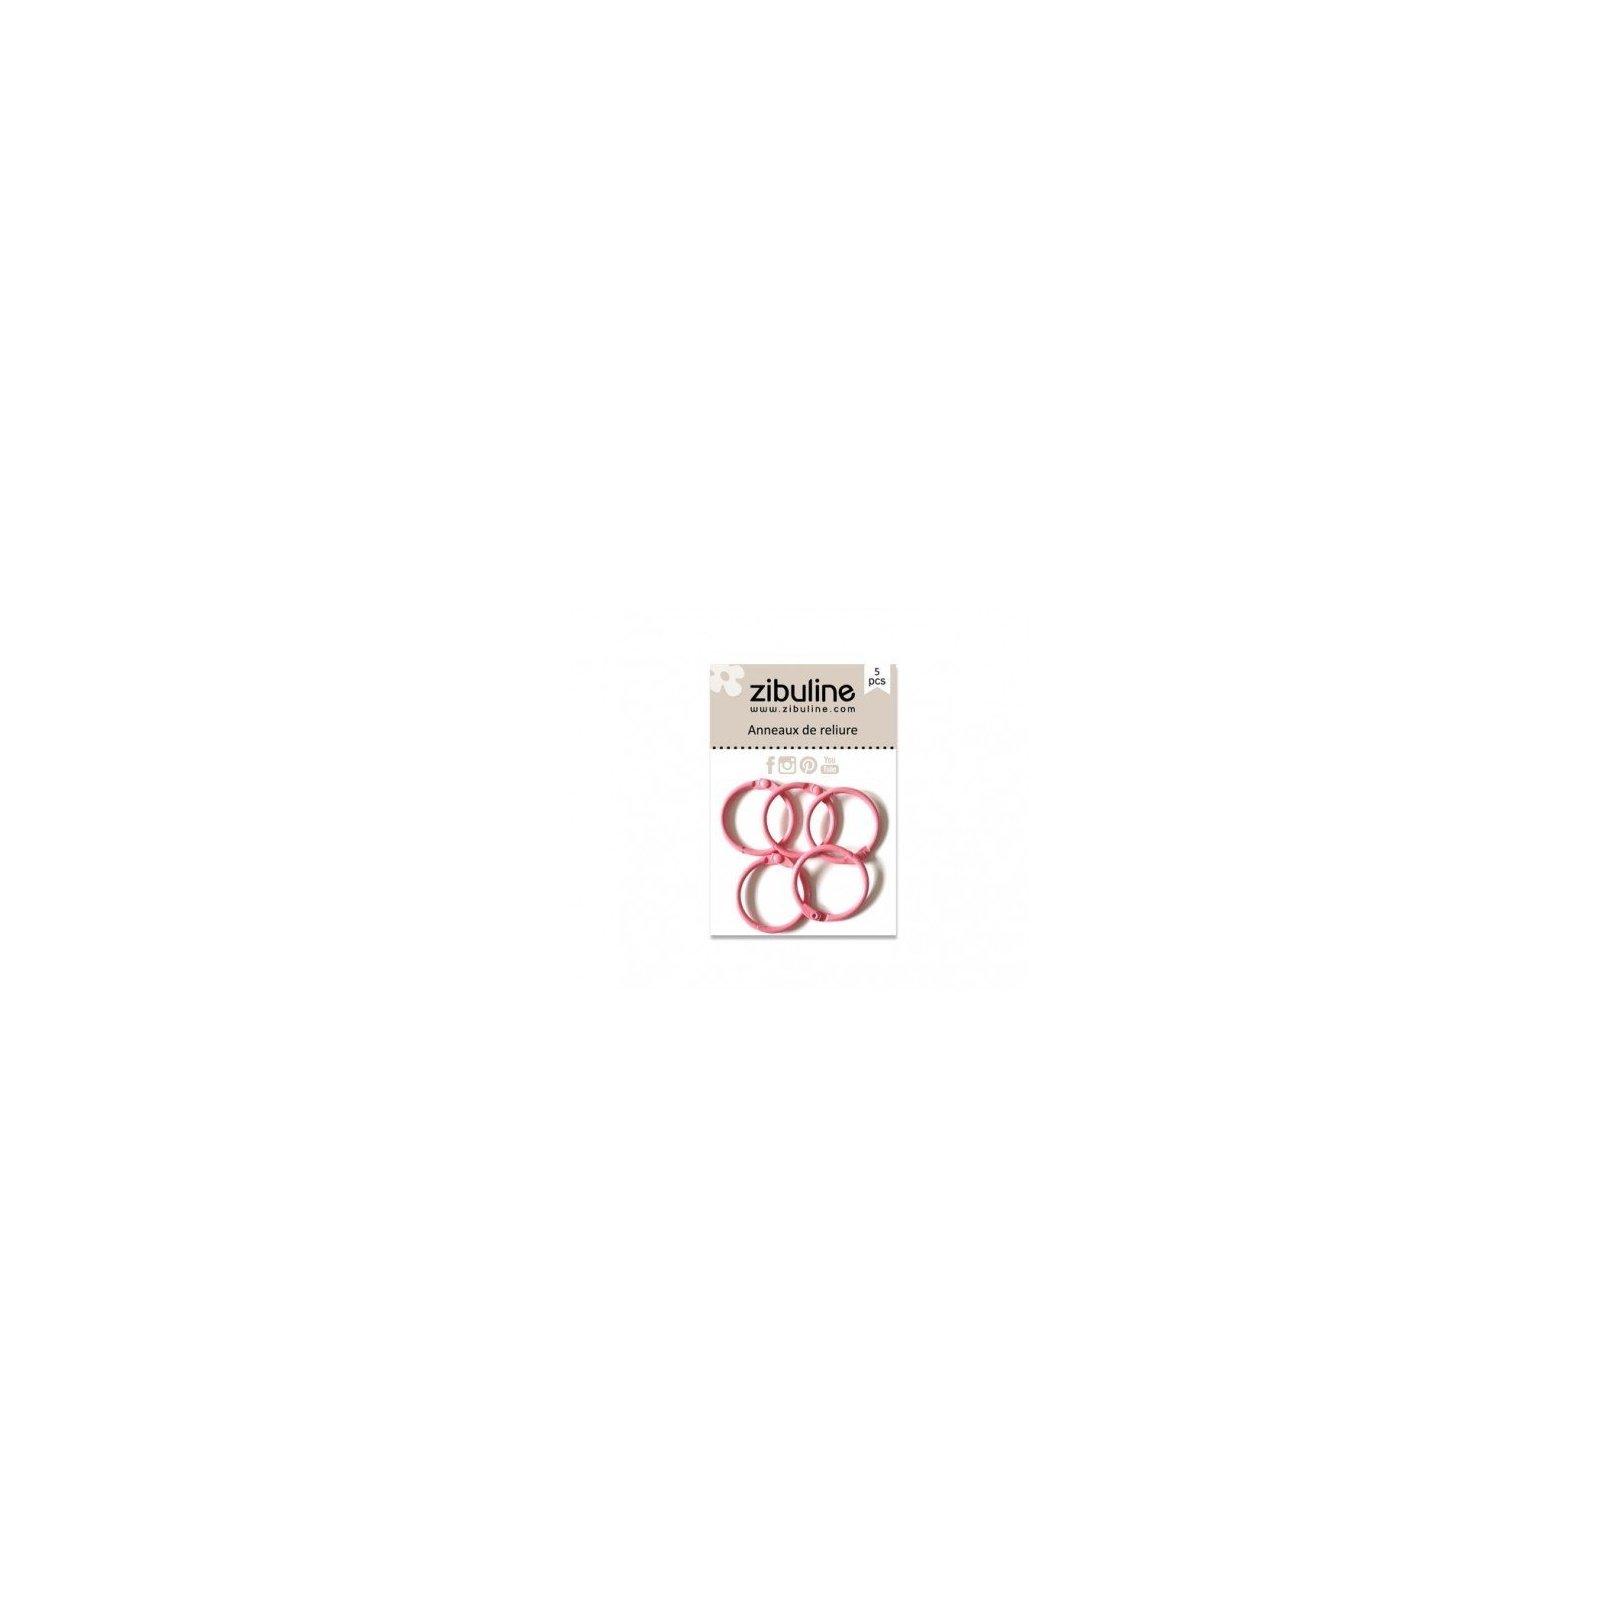 Anneaux de reliure 25 mm - Rose - Zibuline